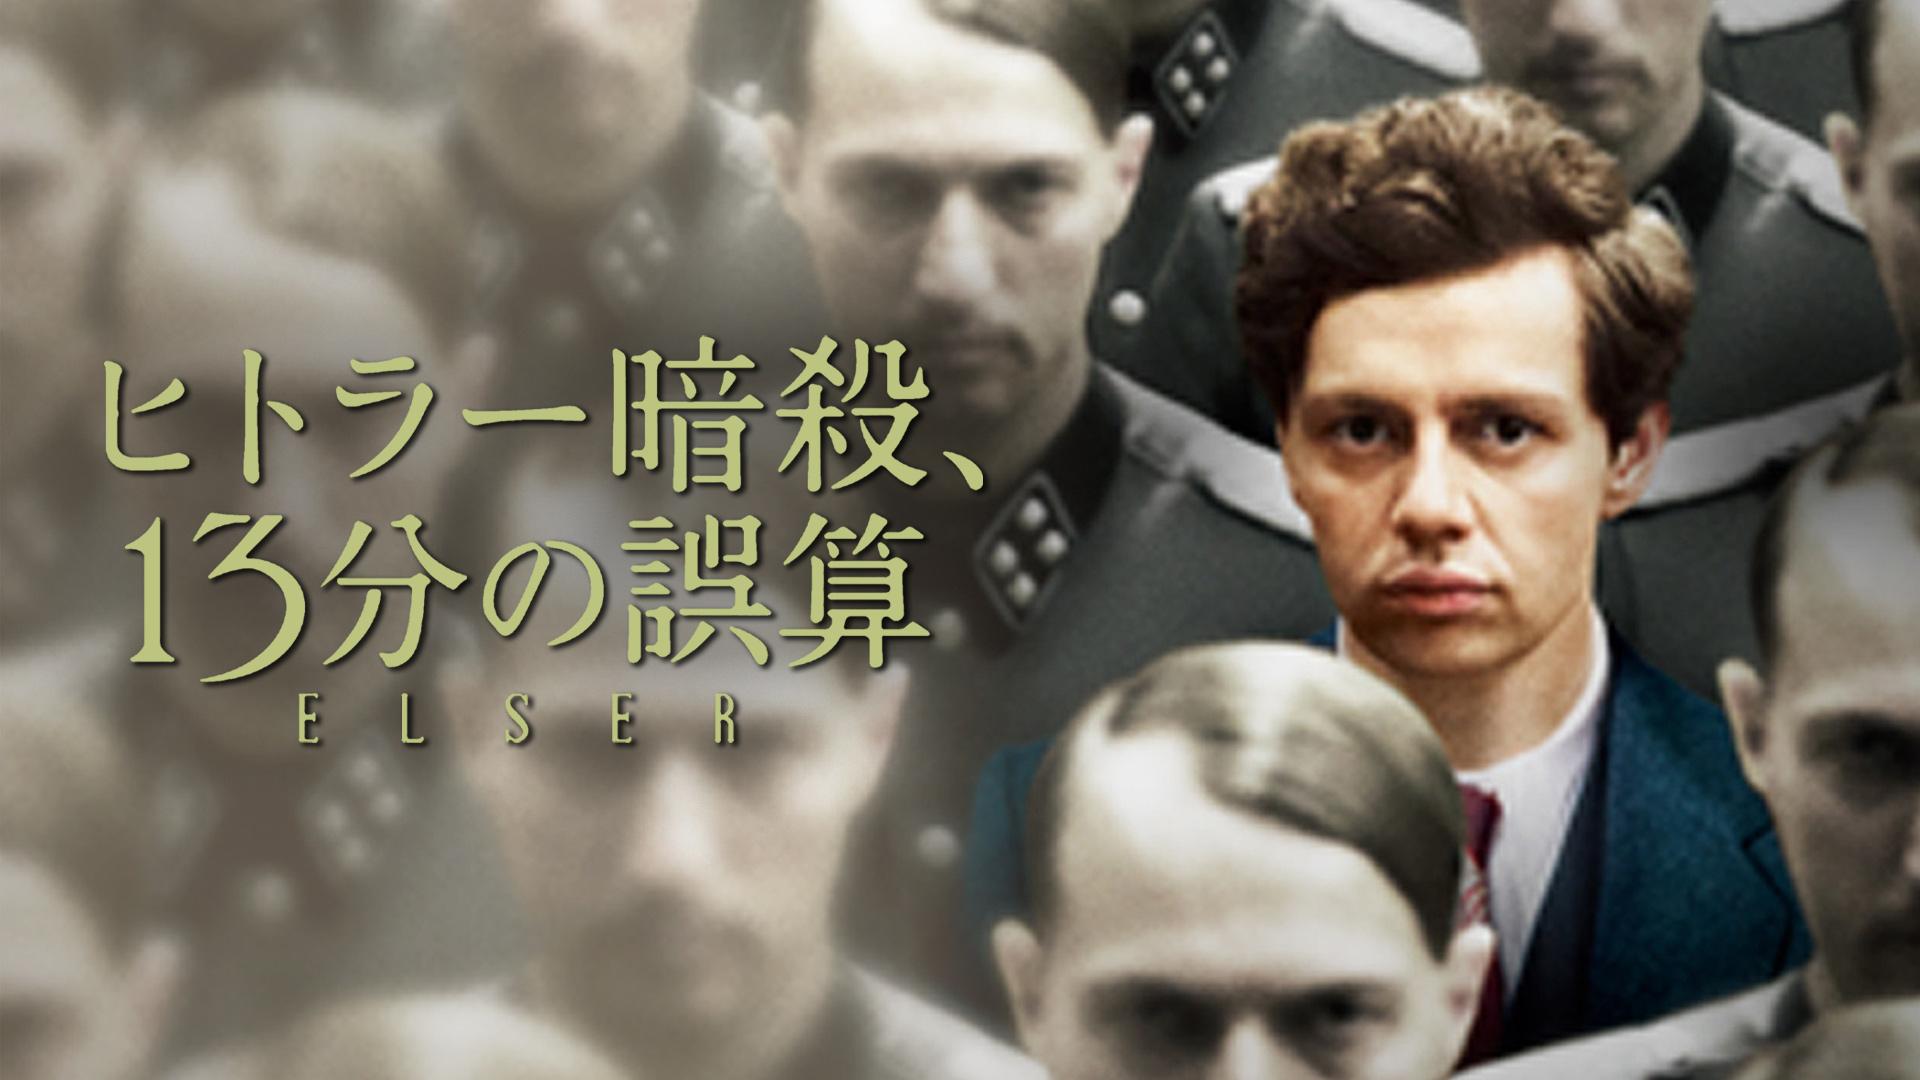 ヒトラー暗殺、13分の誤算(字幕版)